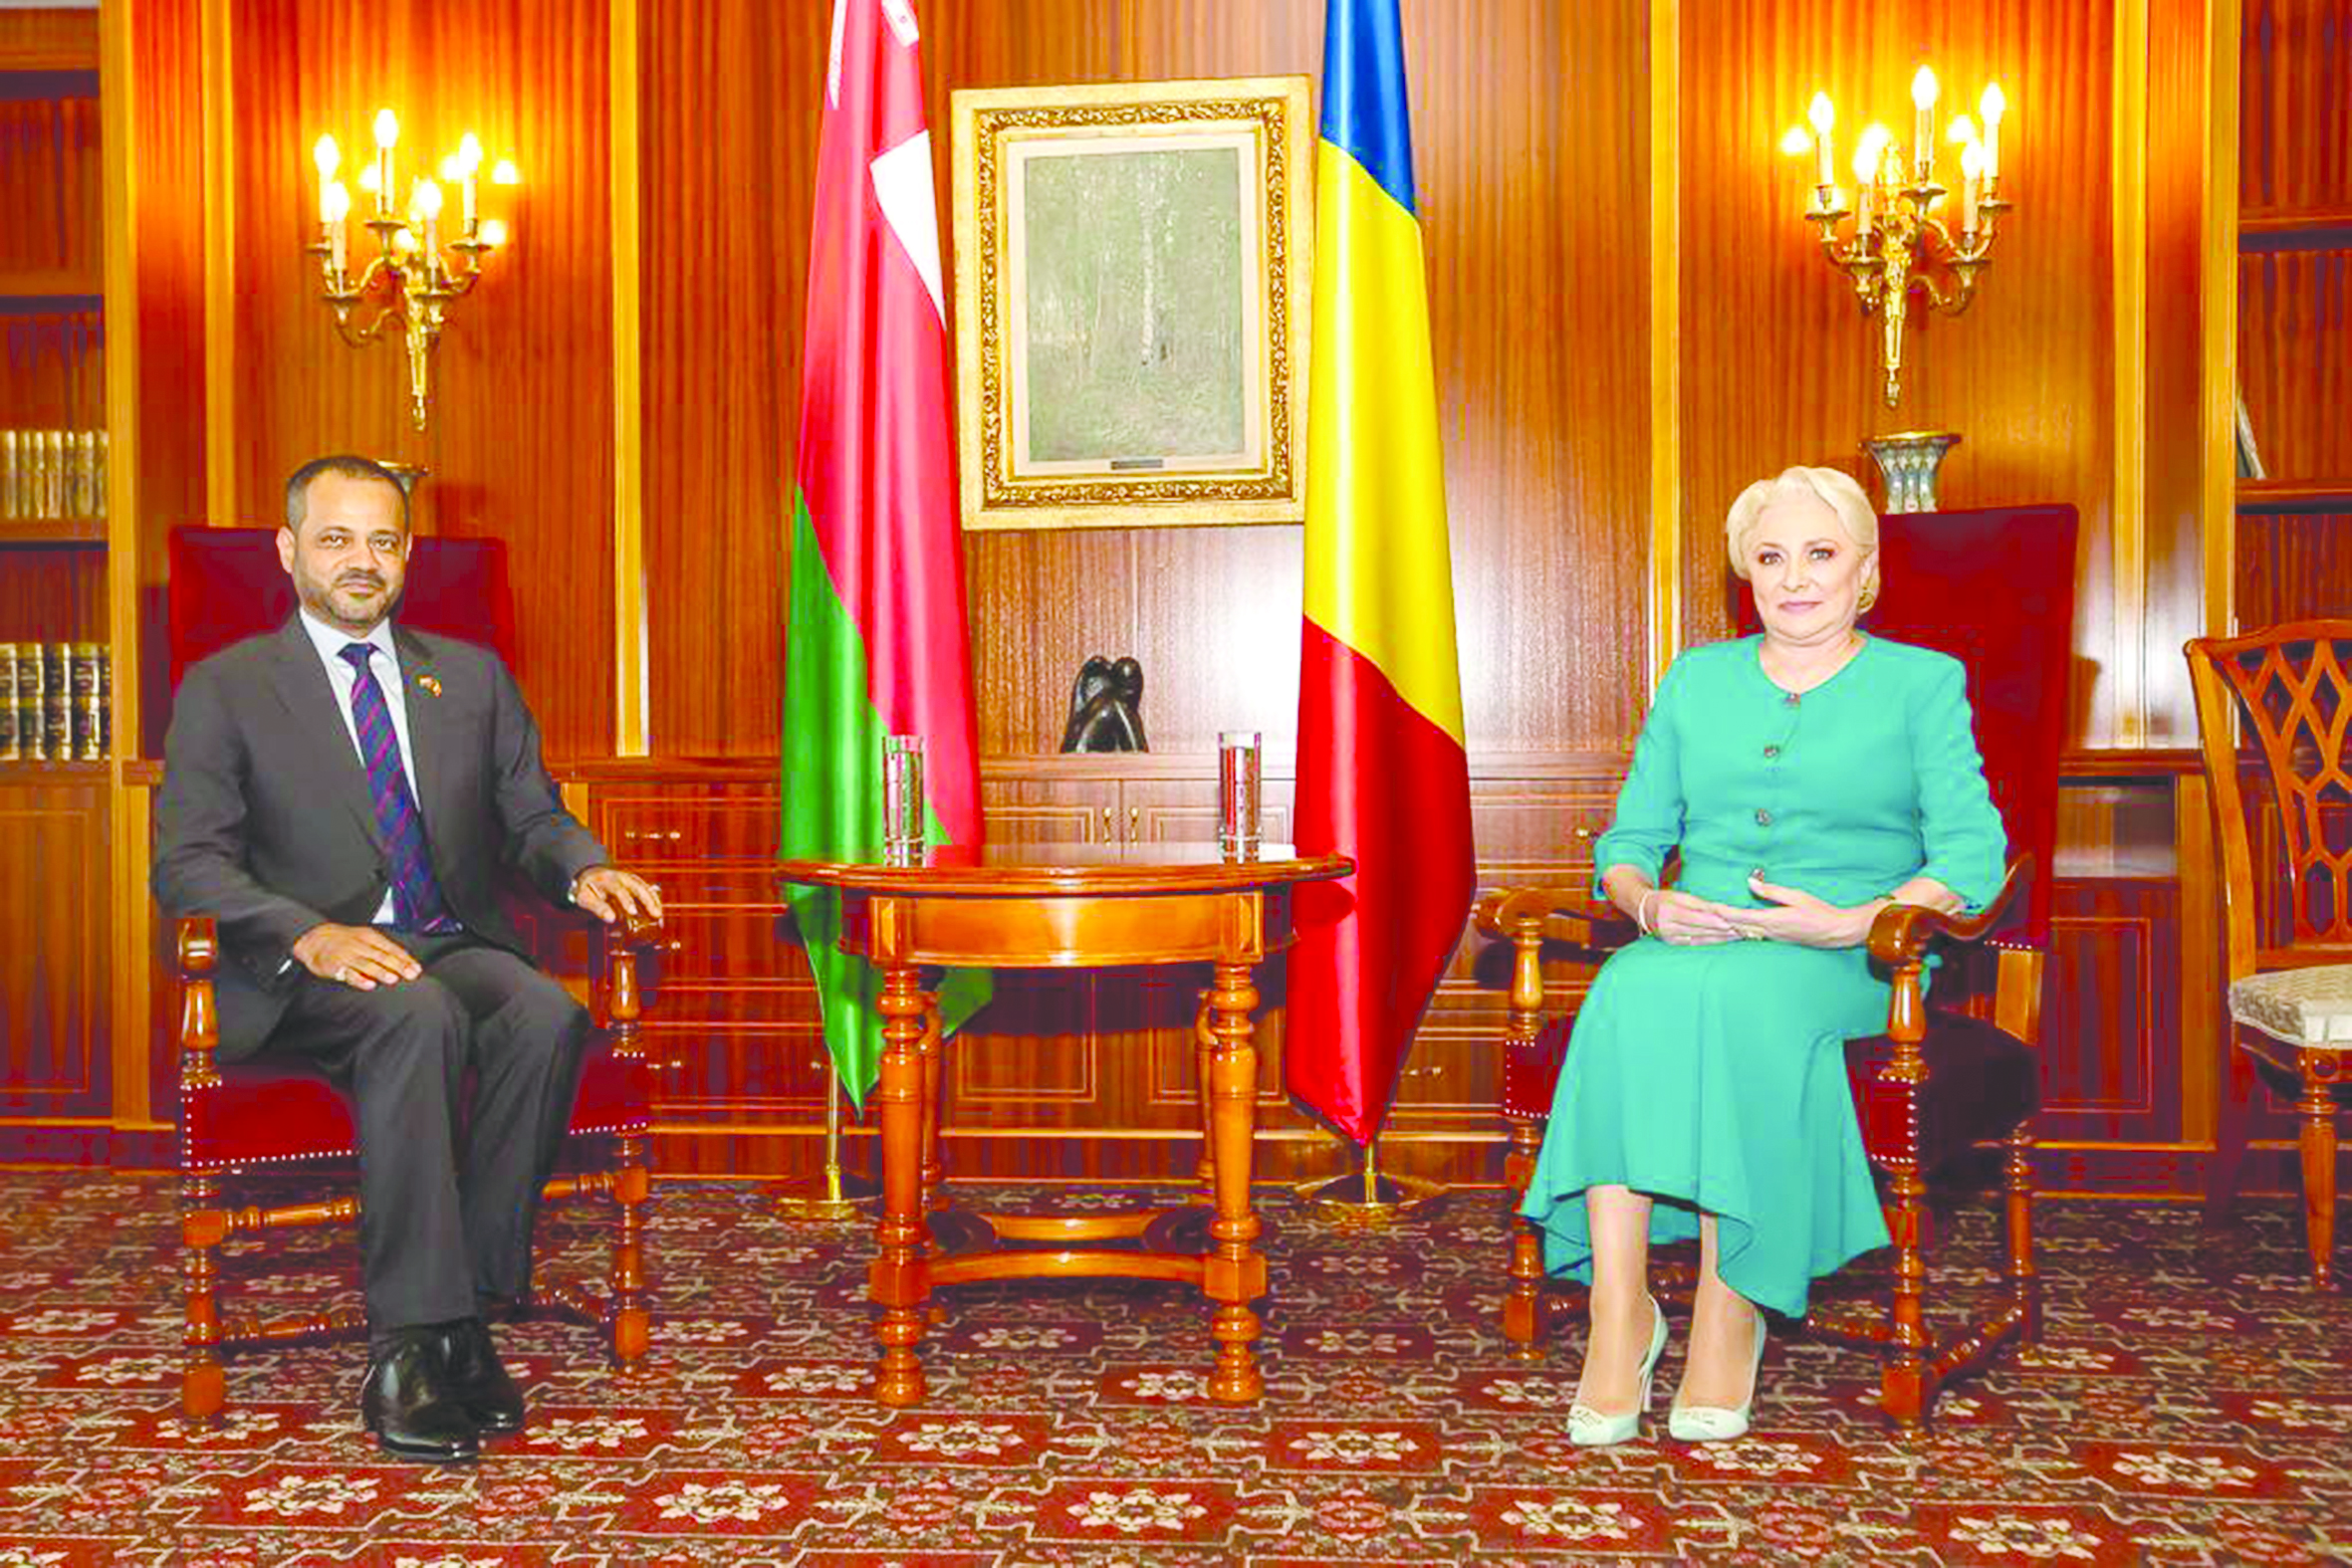 أصدرا بيانا مشتركا بمرور 45 عاما على العلاقات بين البلدين اتفاق عماني روماني على التشاور السياسي المستمر